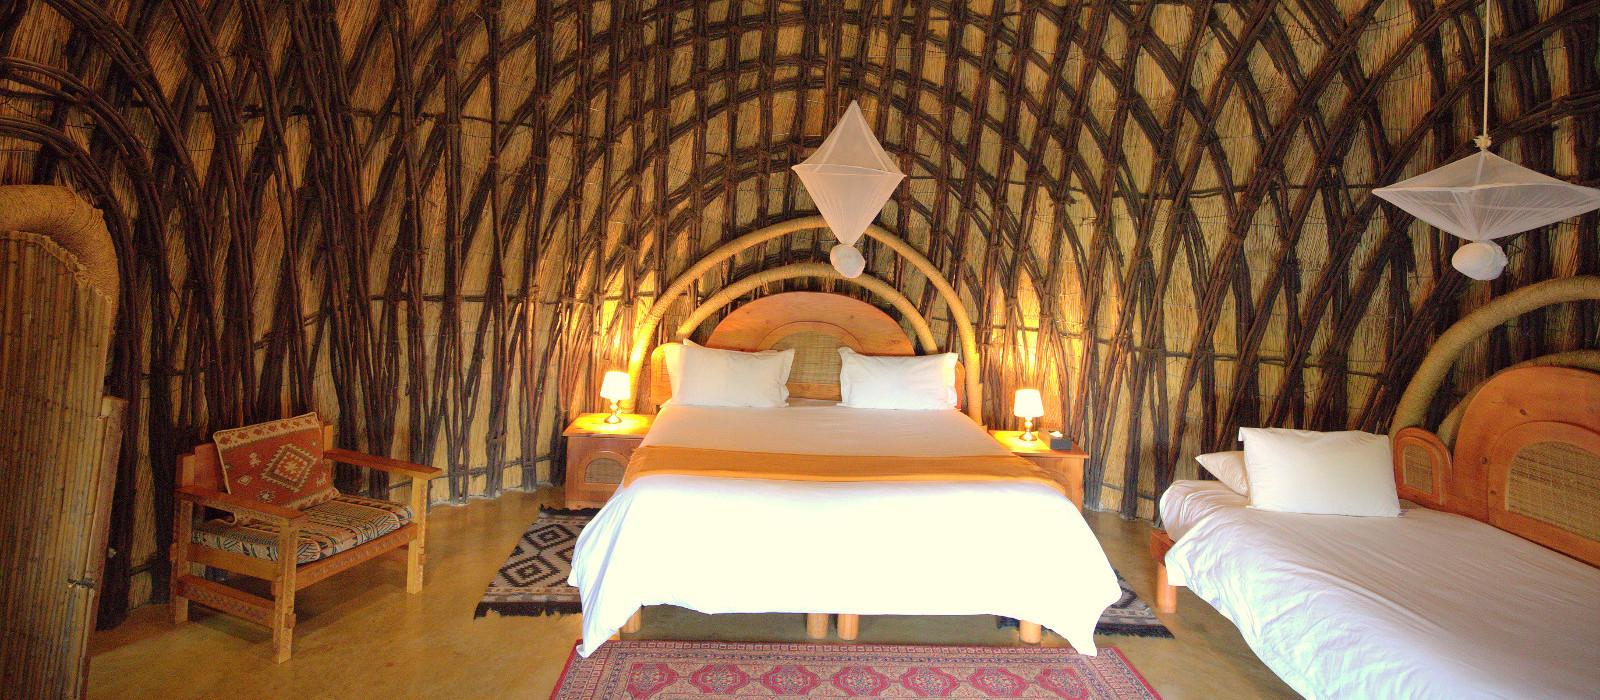 Hotel Phophonyane Falls Ecologe Swasiland